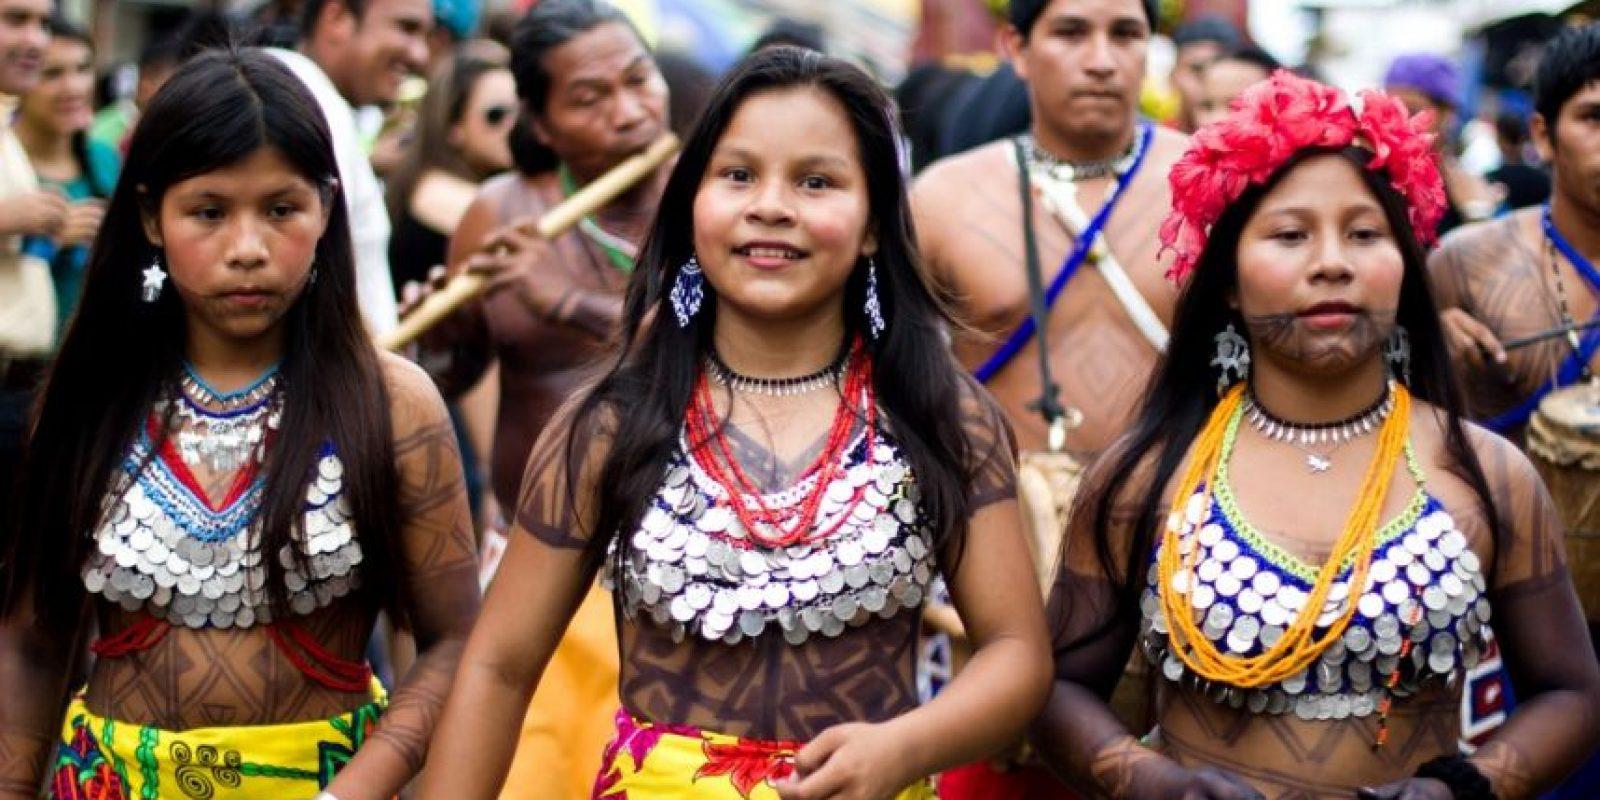 Algunas mujeres chilenas forman parte del grupo indígena Mapuche. Foto:Wikipedia.org